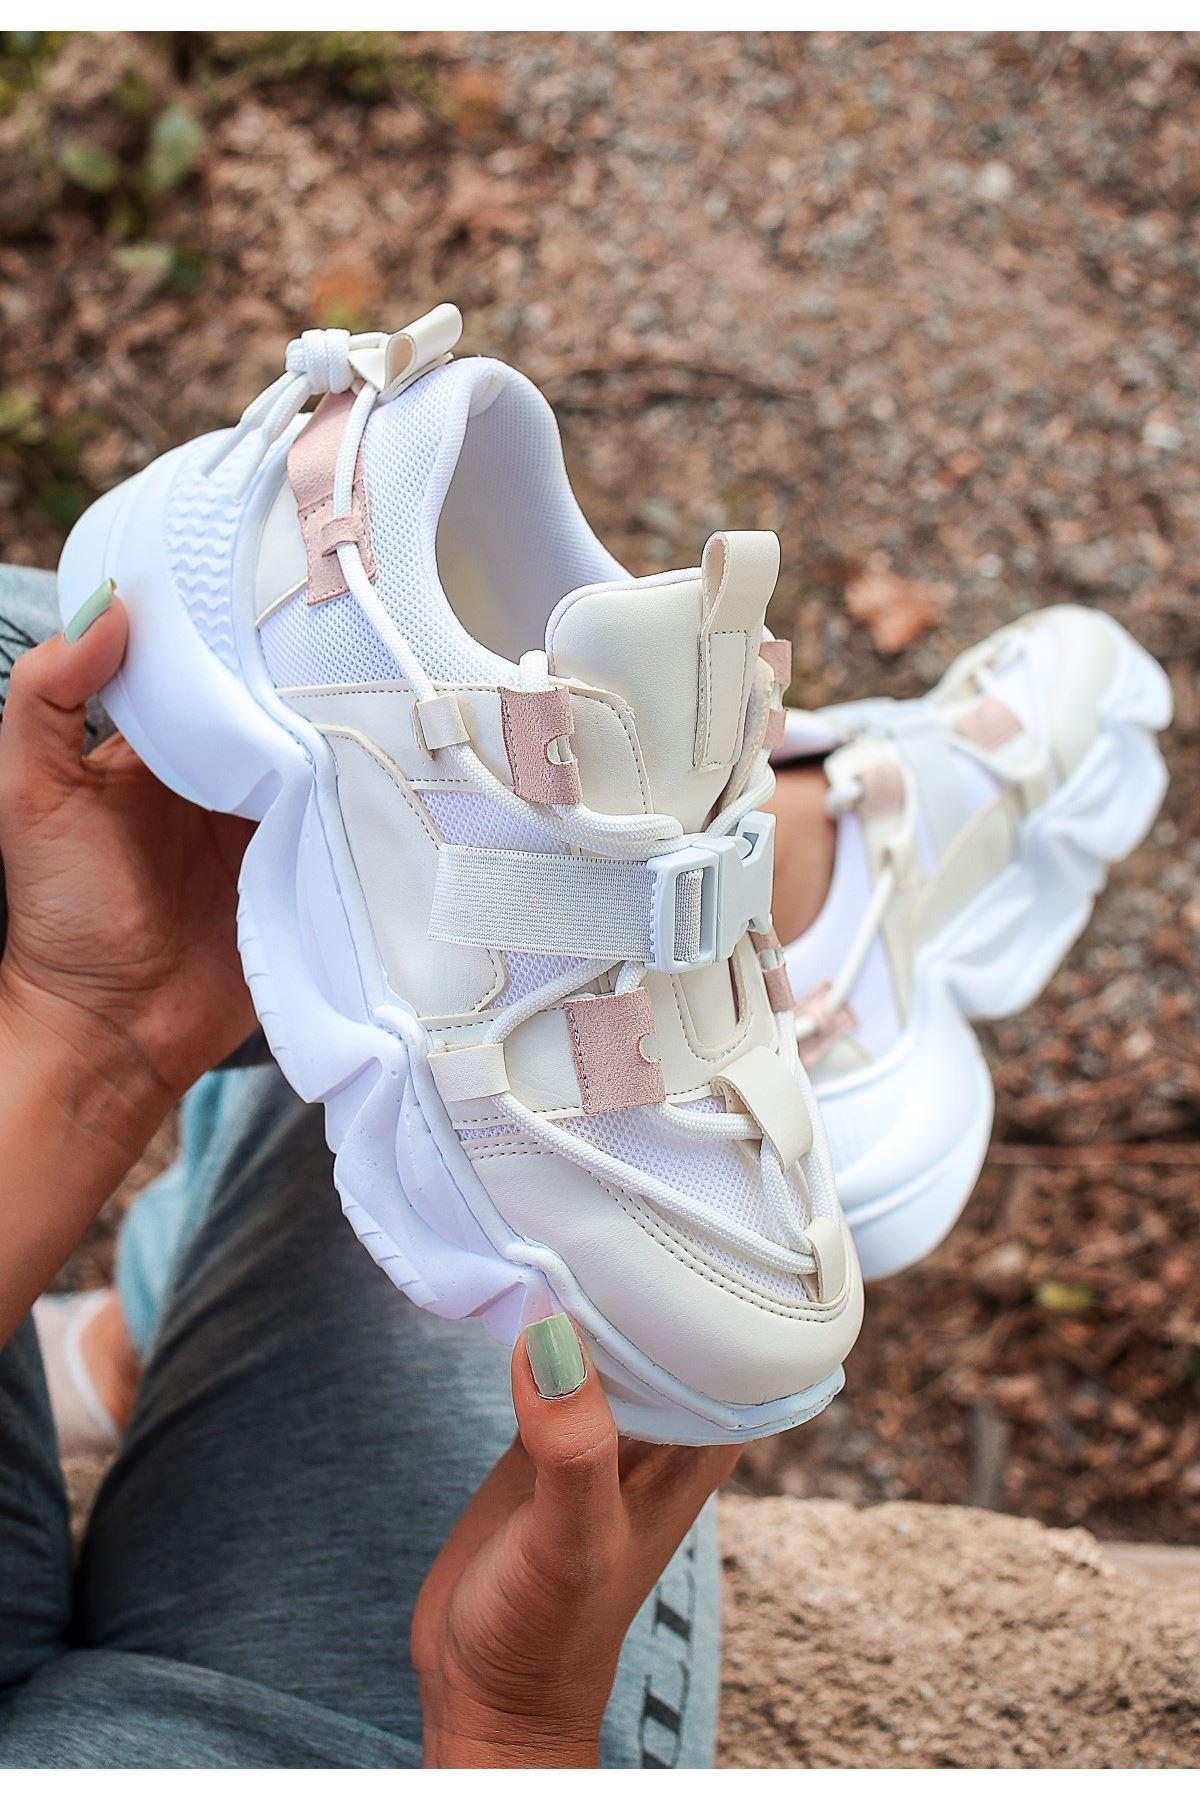 Maine Beyaz Cilt Pudra Detaylı Spor Ayakkabı